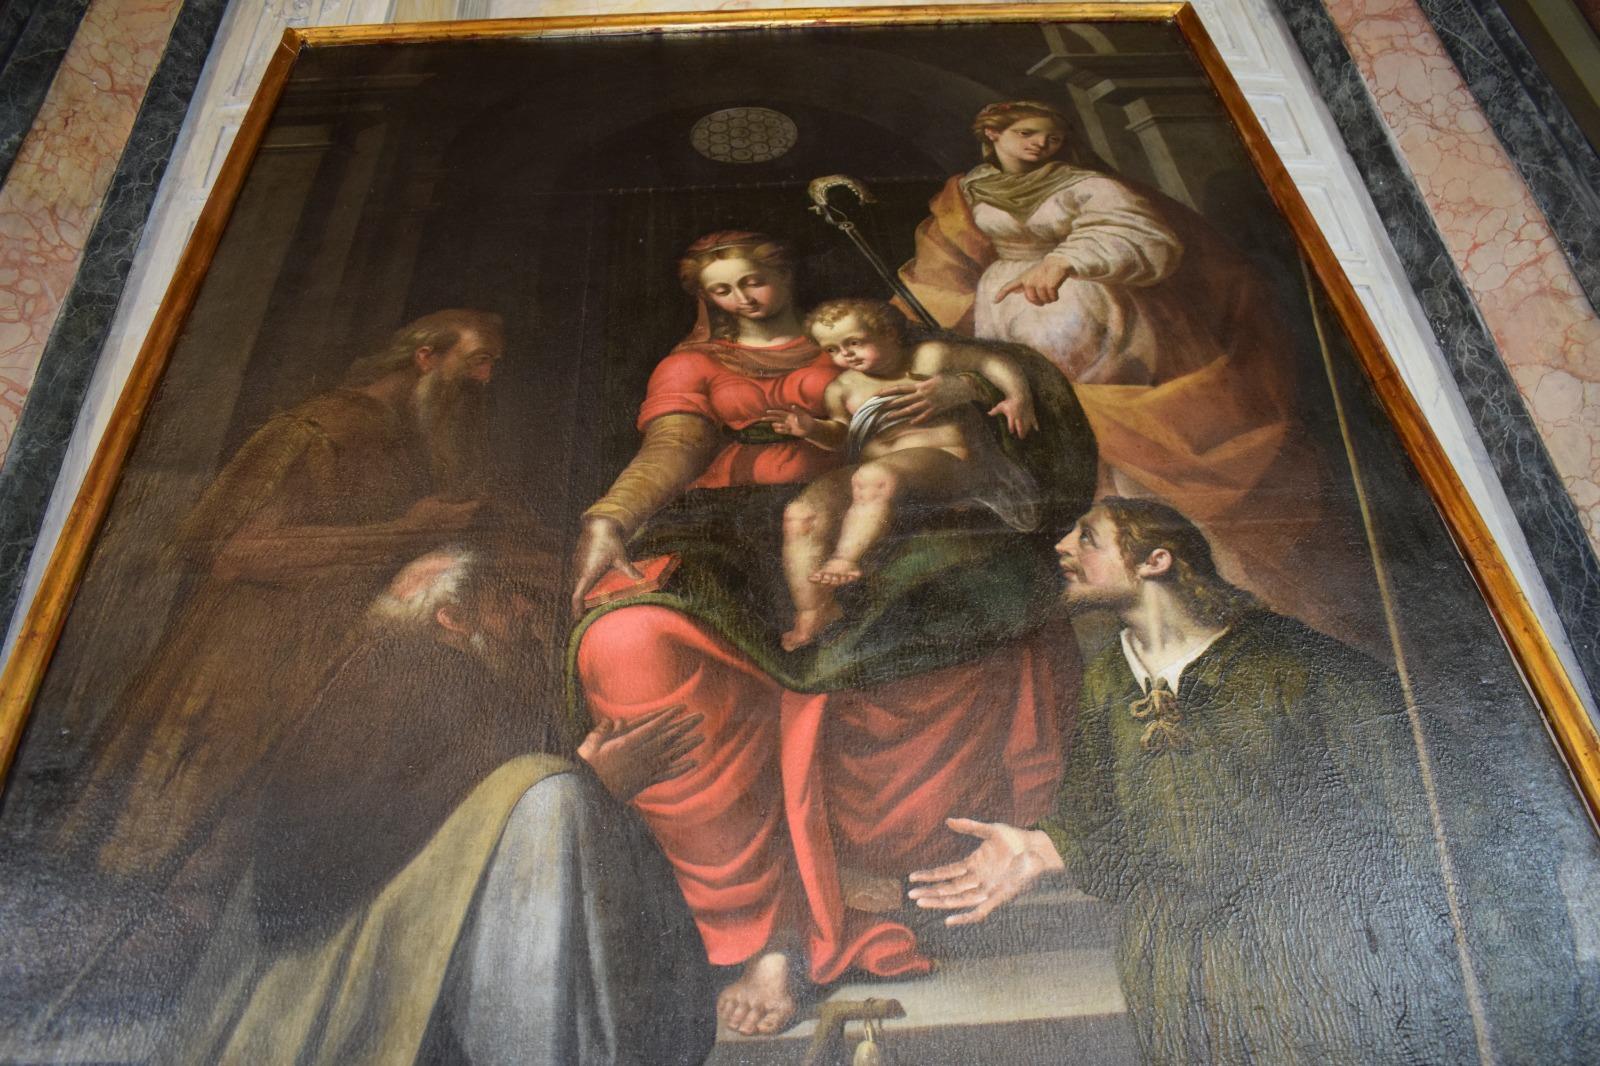 Presentazione dipinto Madonna in trono con santi (21)